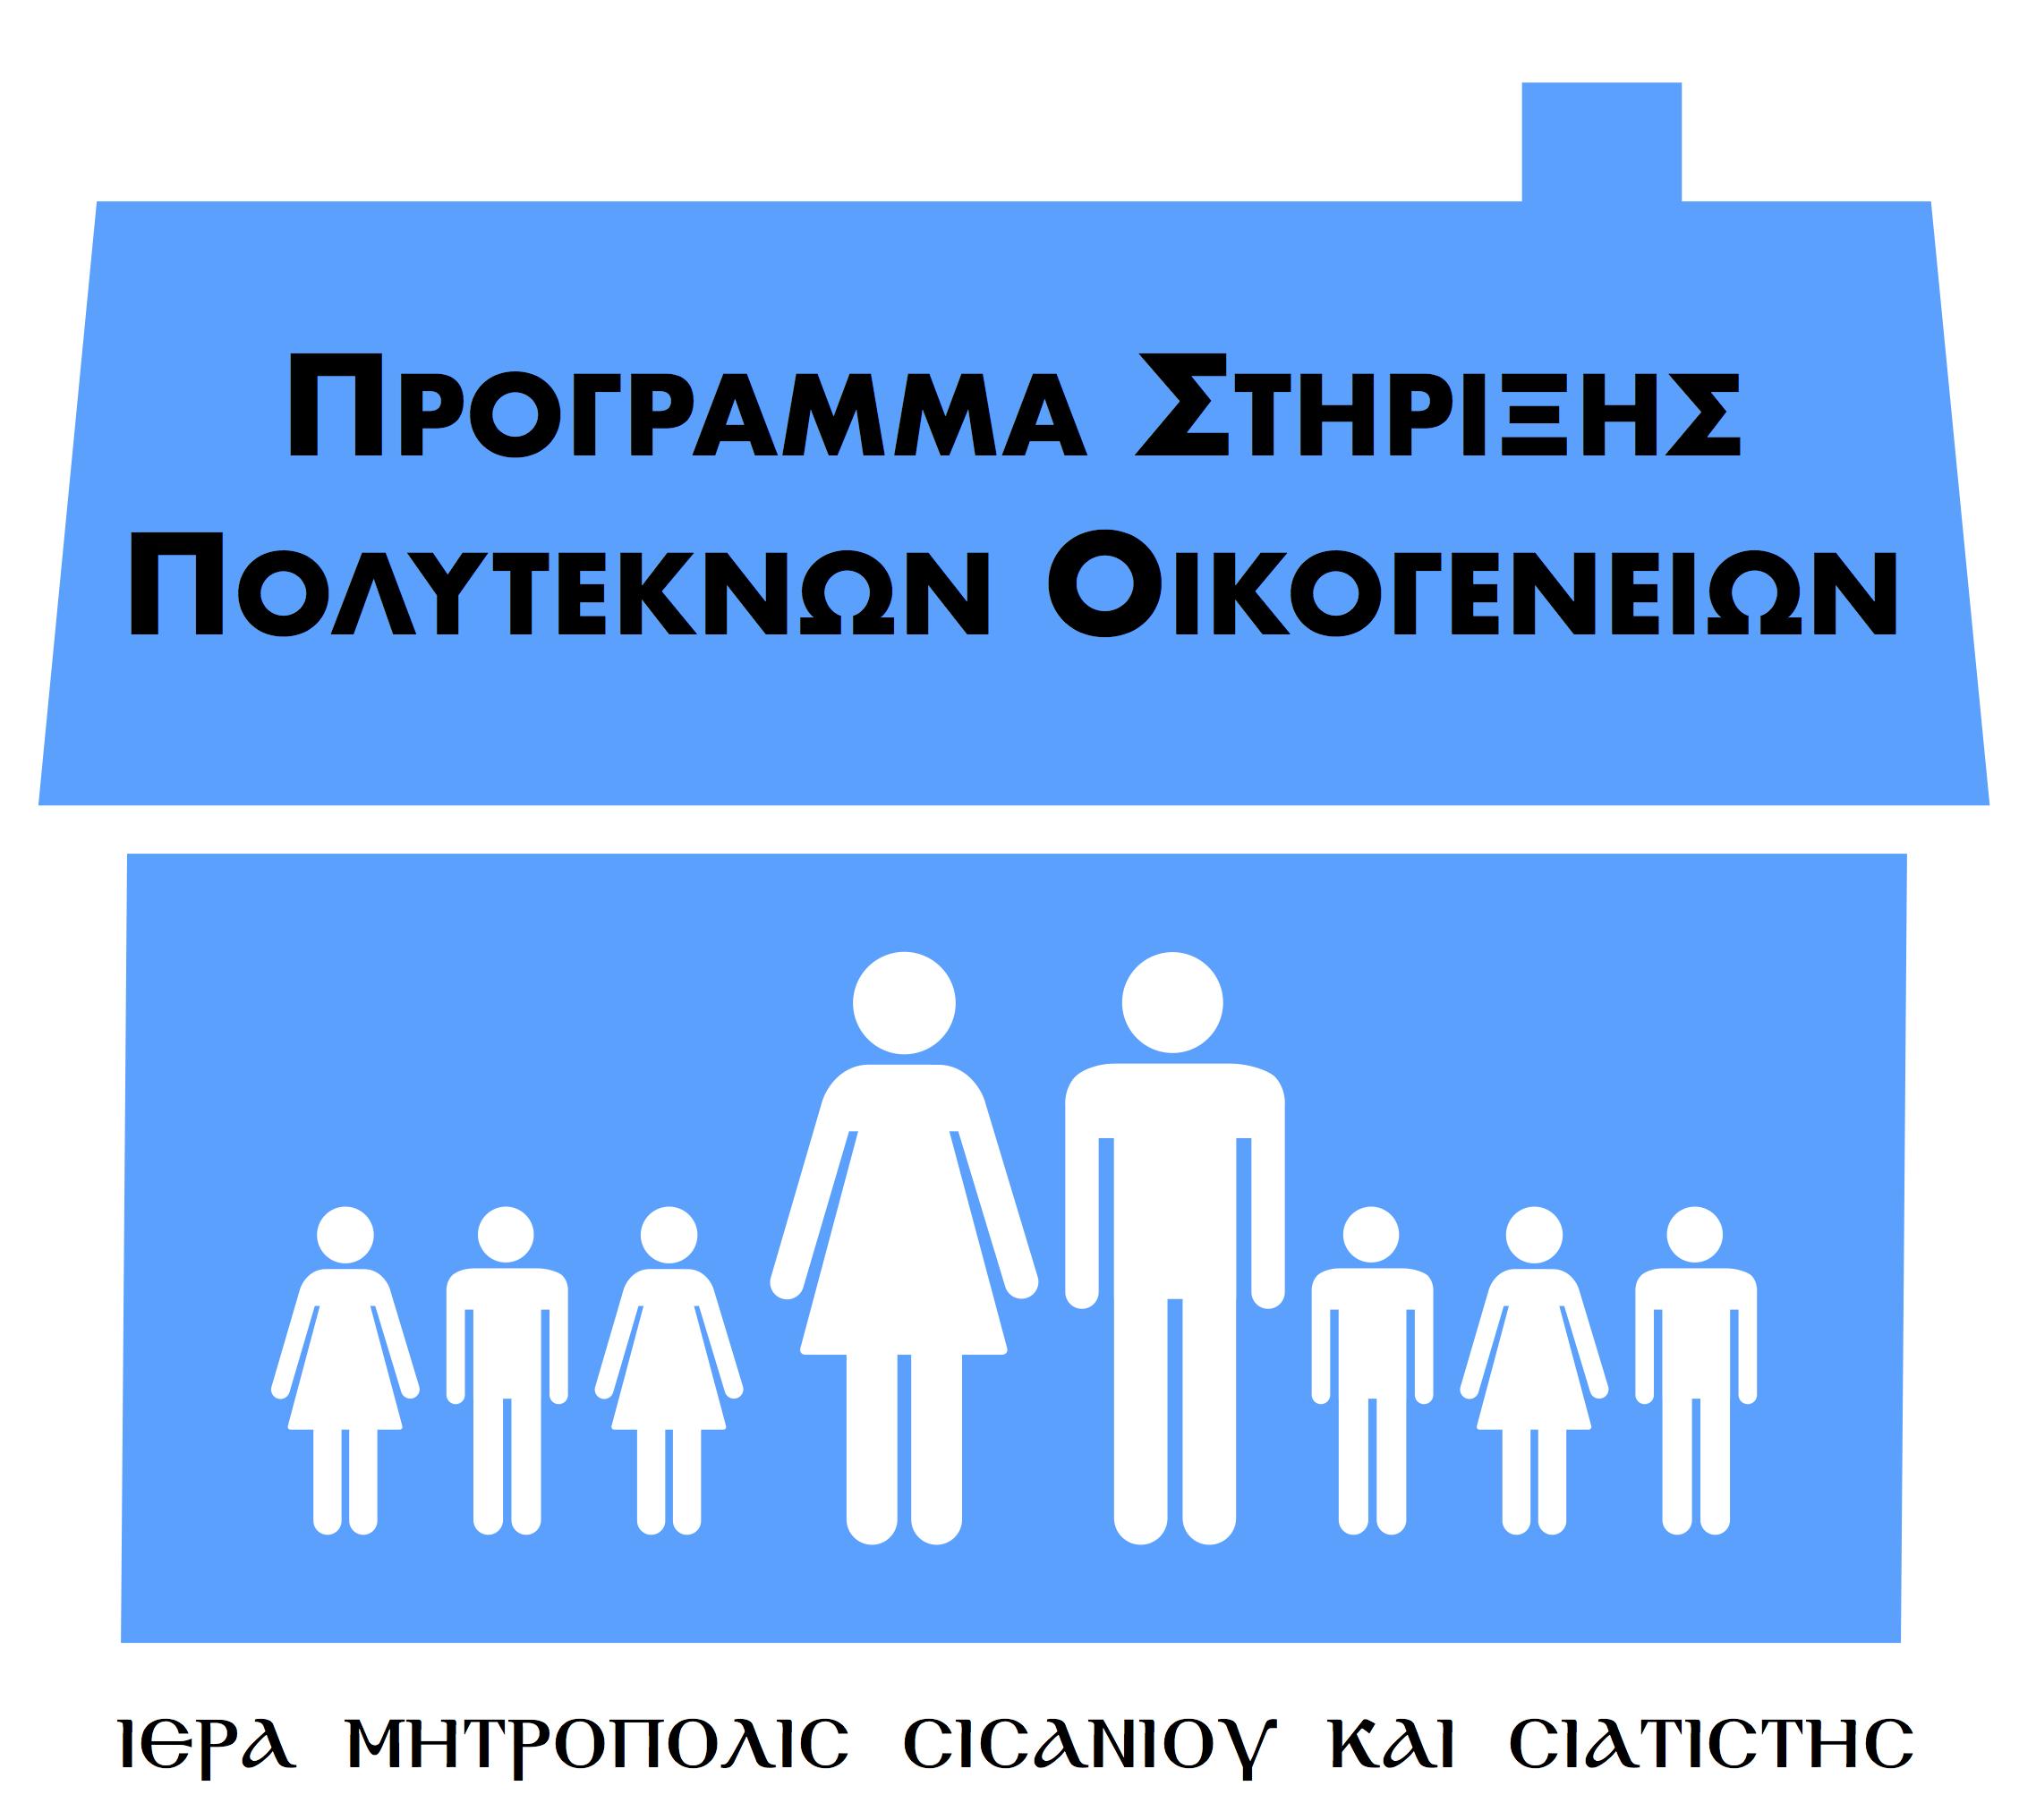 Πρόγραμμα Στήριξης Πολύτεκνων Οικογενειών